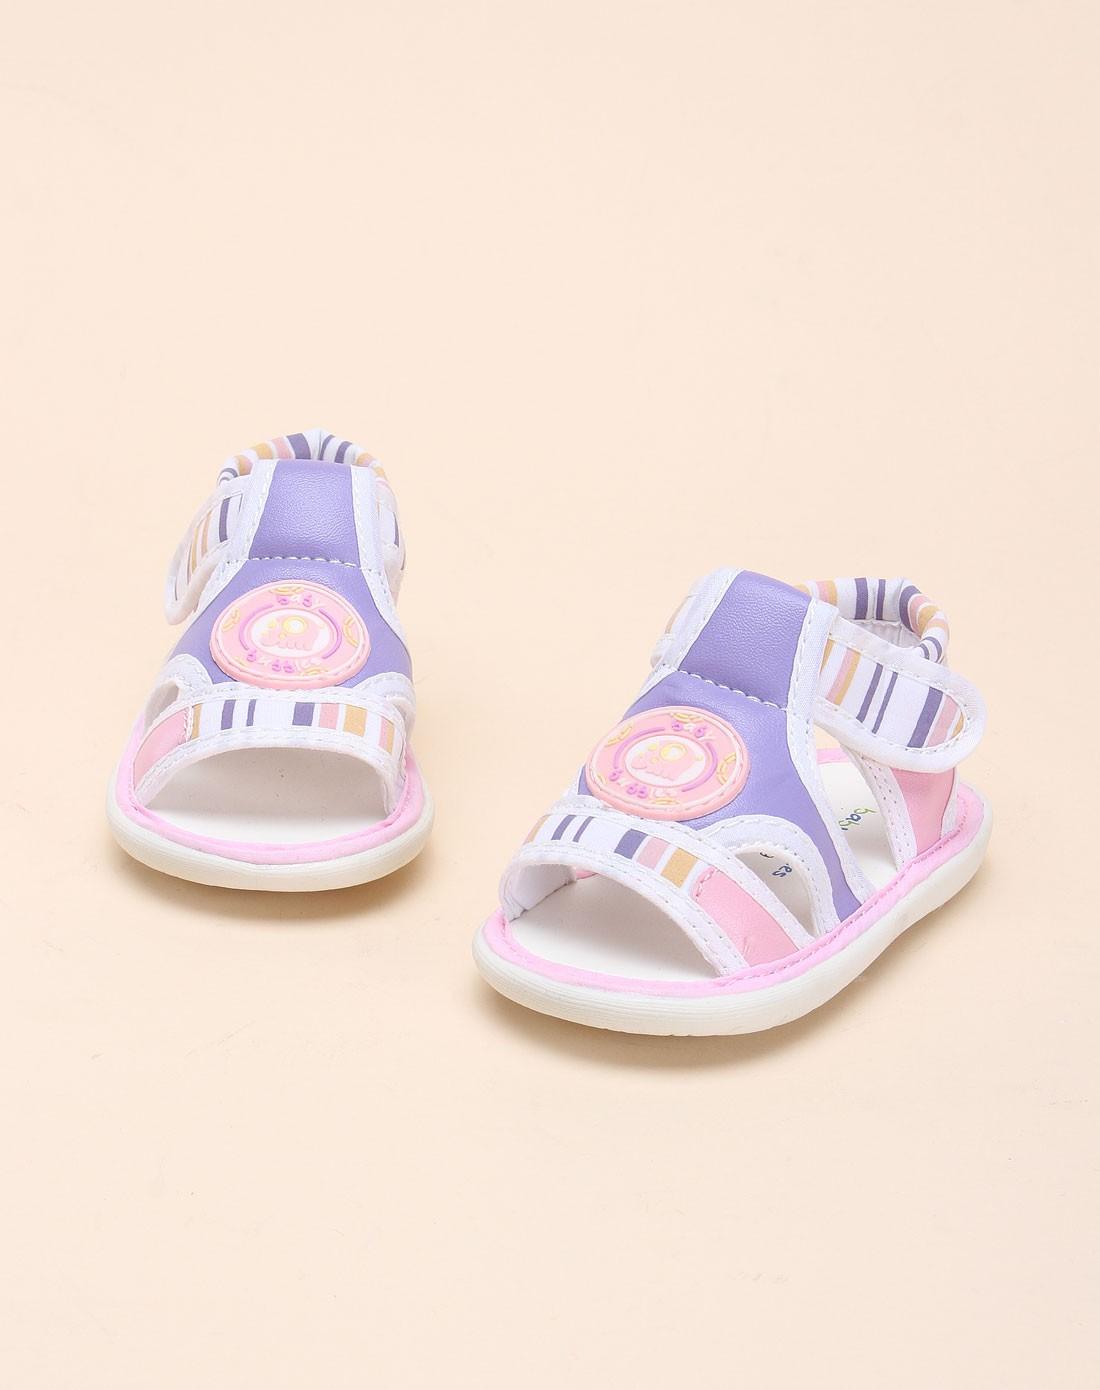 宝宝鞋混合专场-baby bubbles 女童白/紫色太空革/布凉鞋